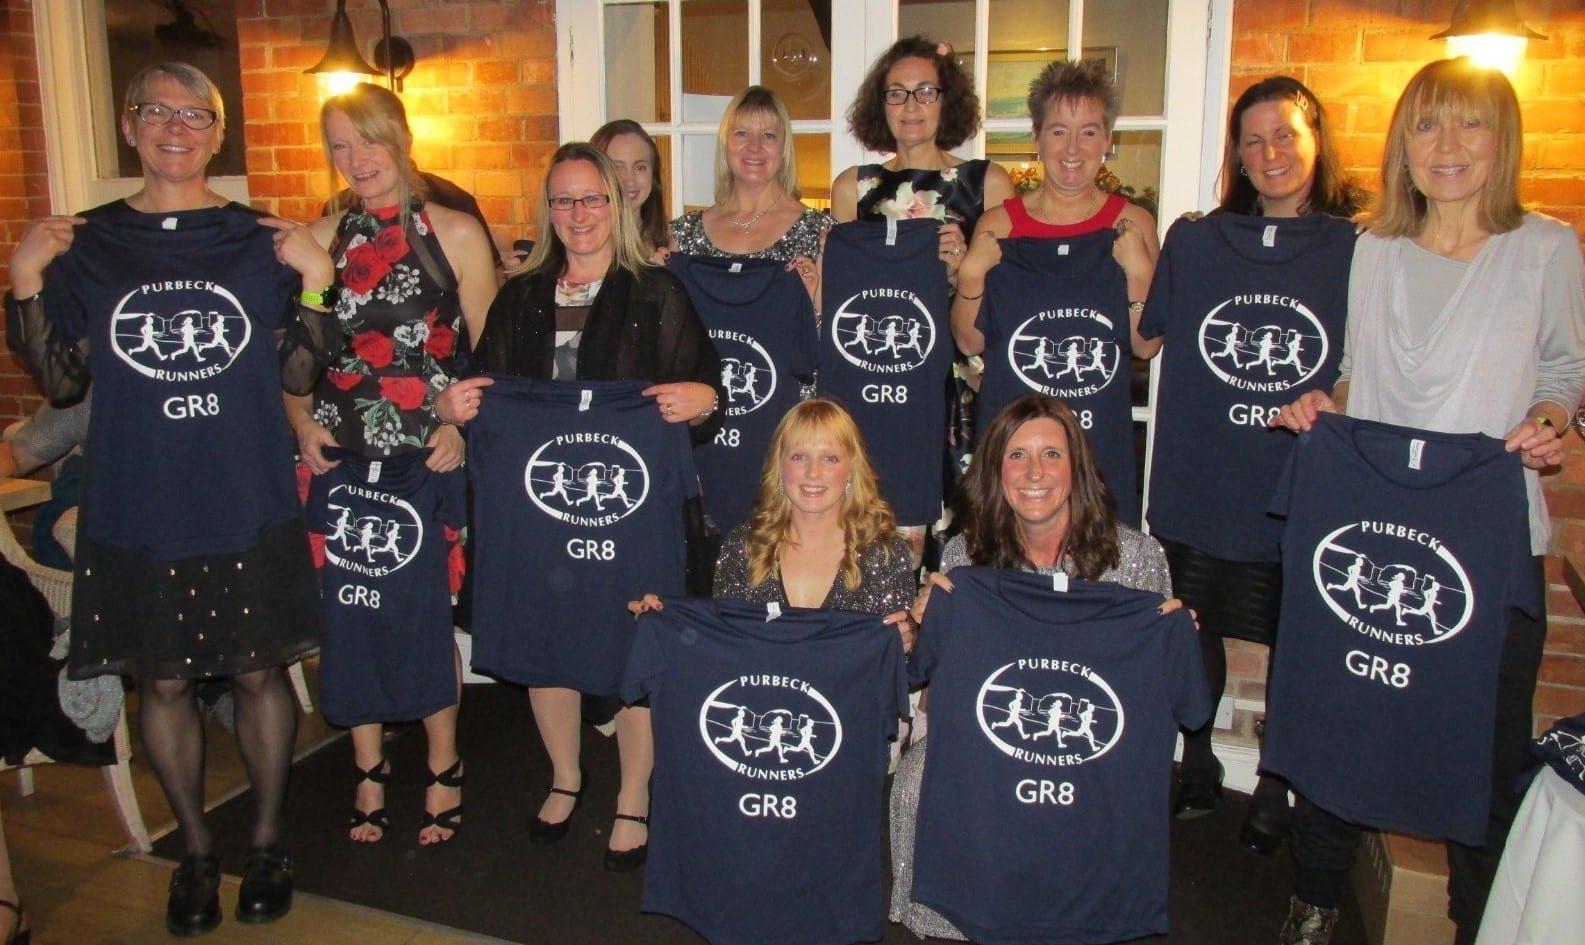 The Womens GR8 Winners